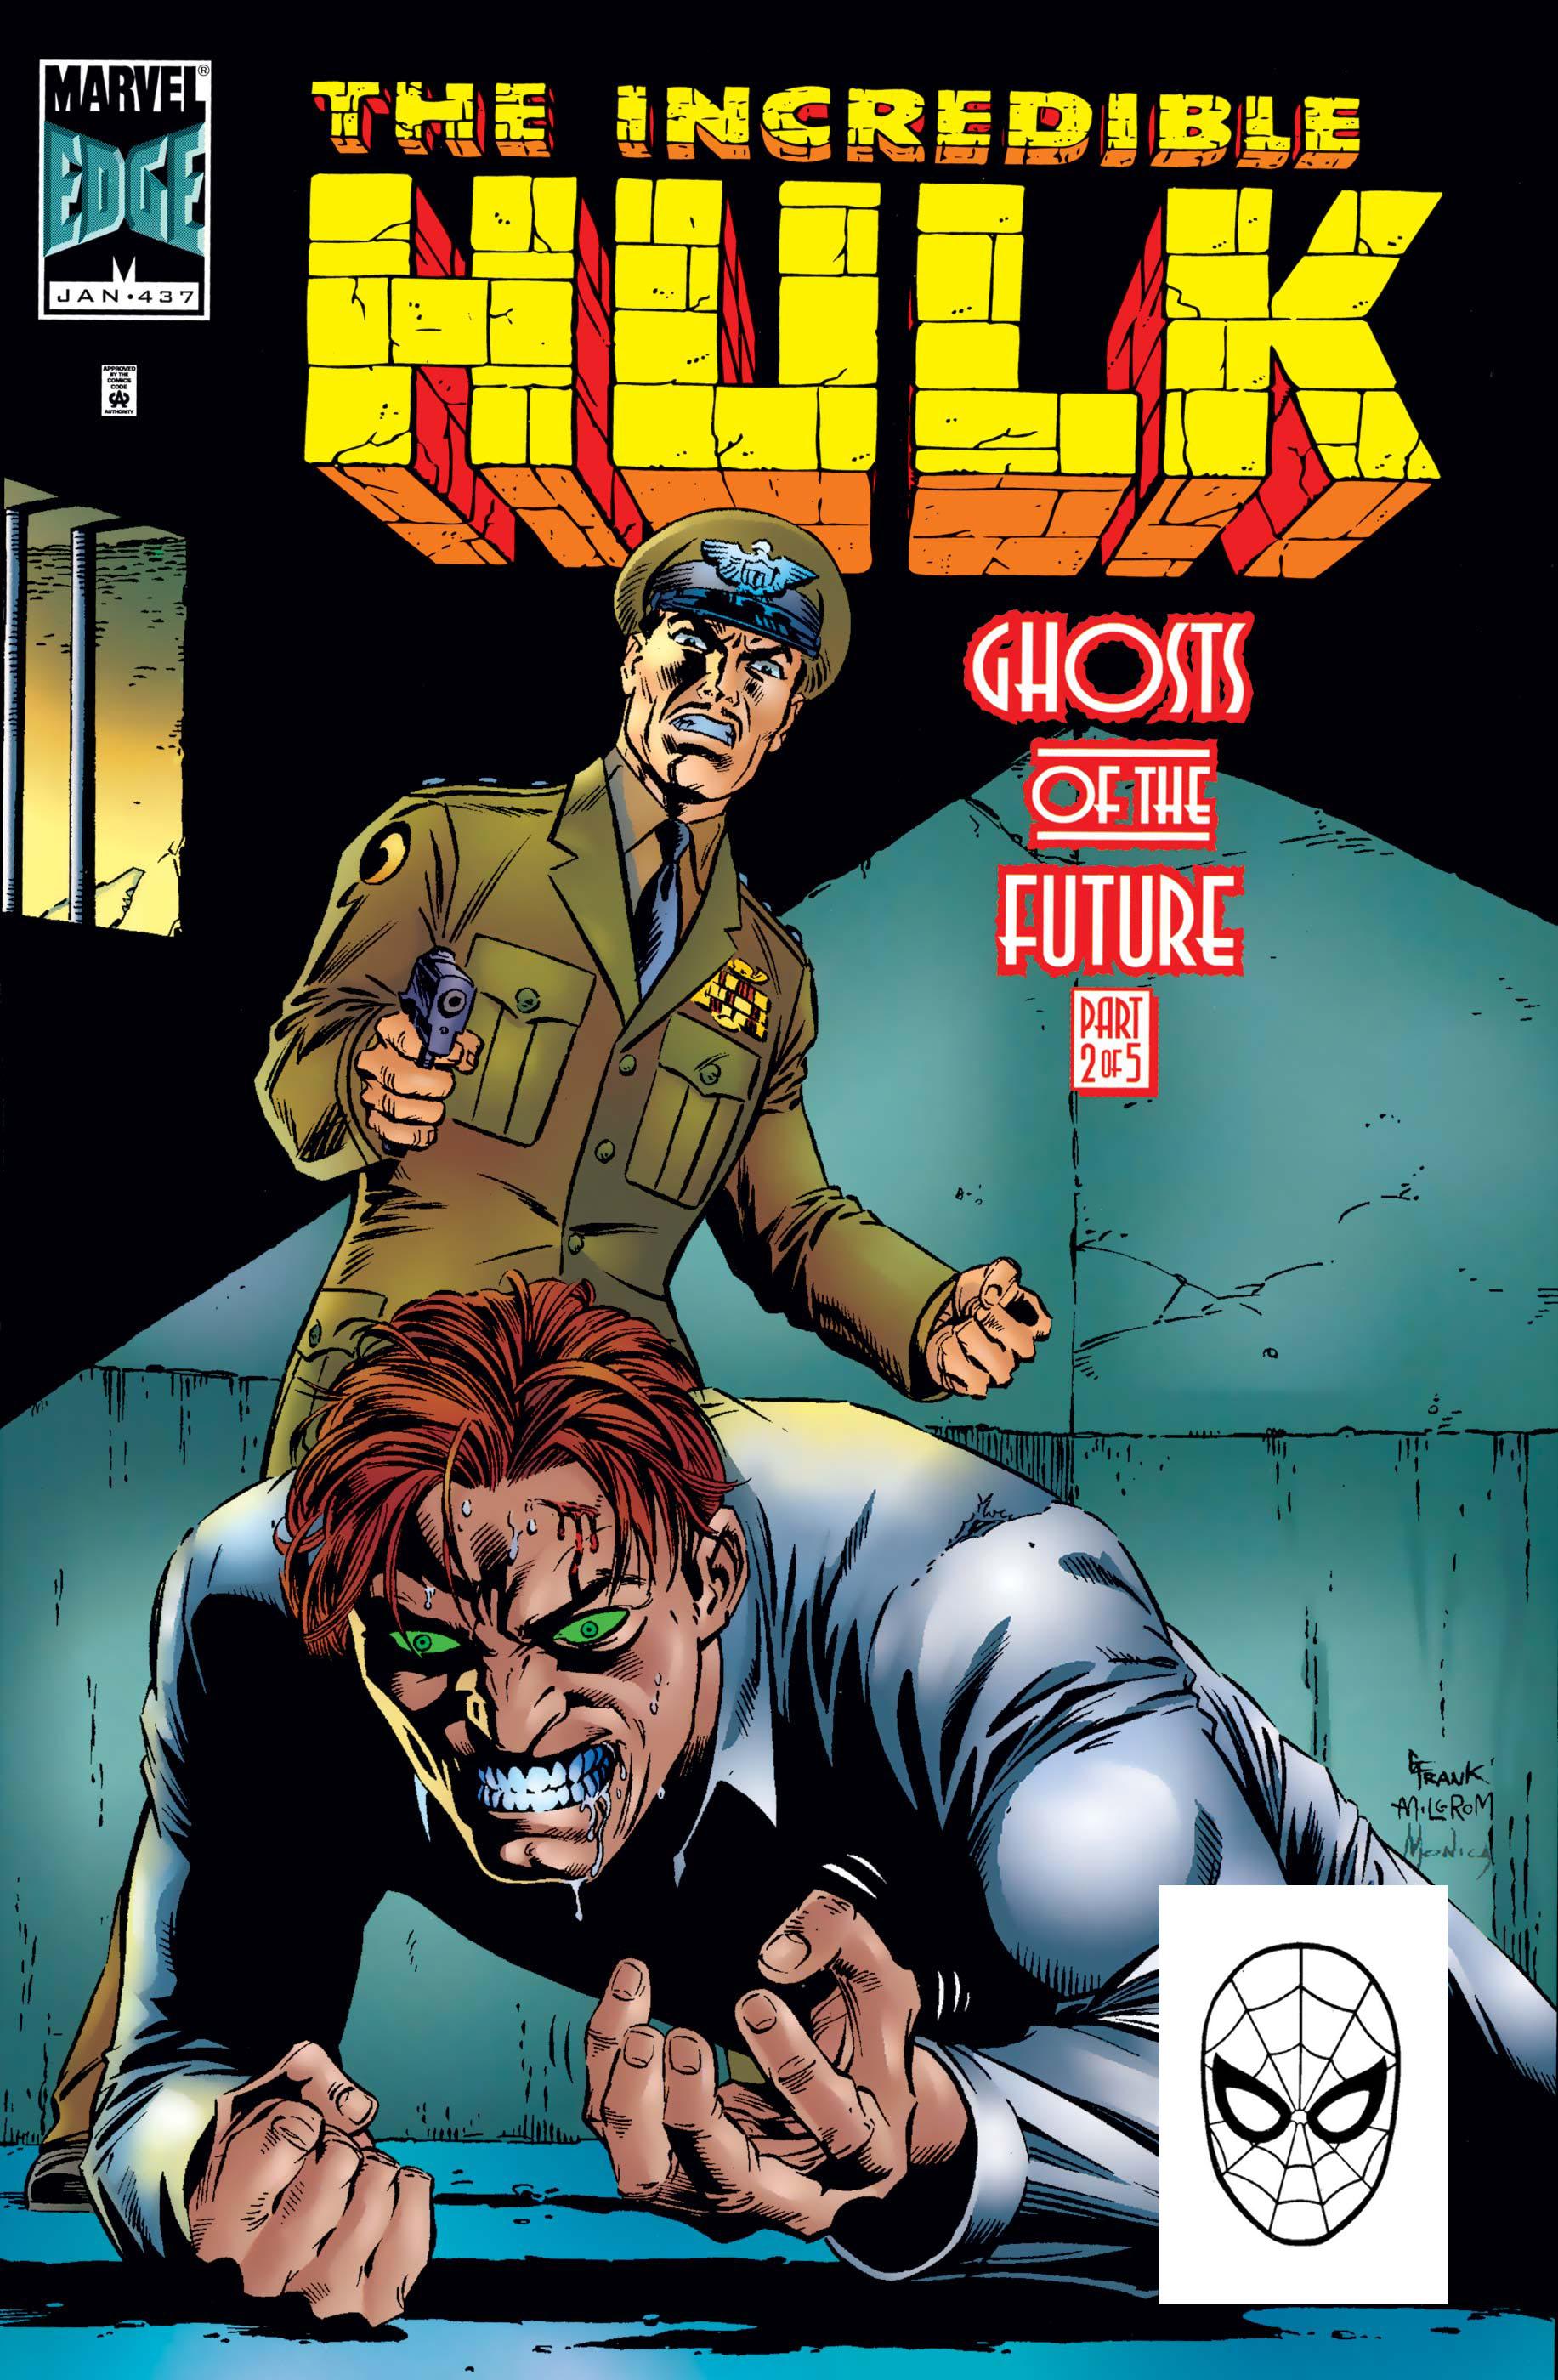 Incredible Hulk (1962) #437